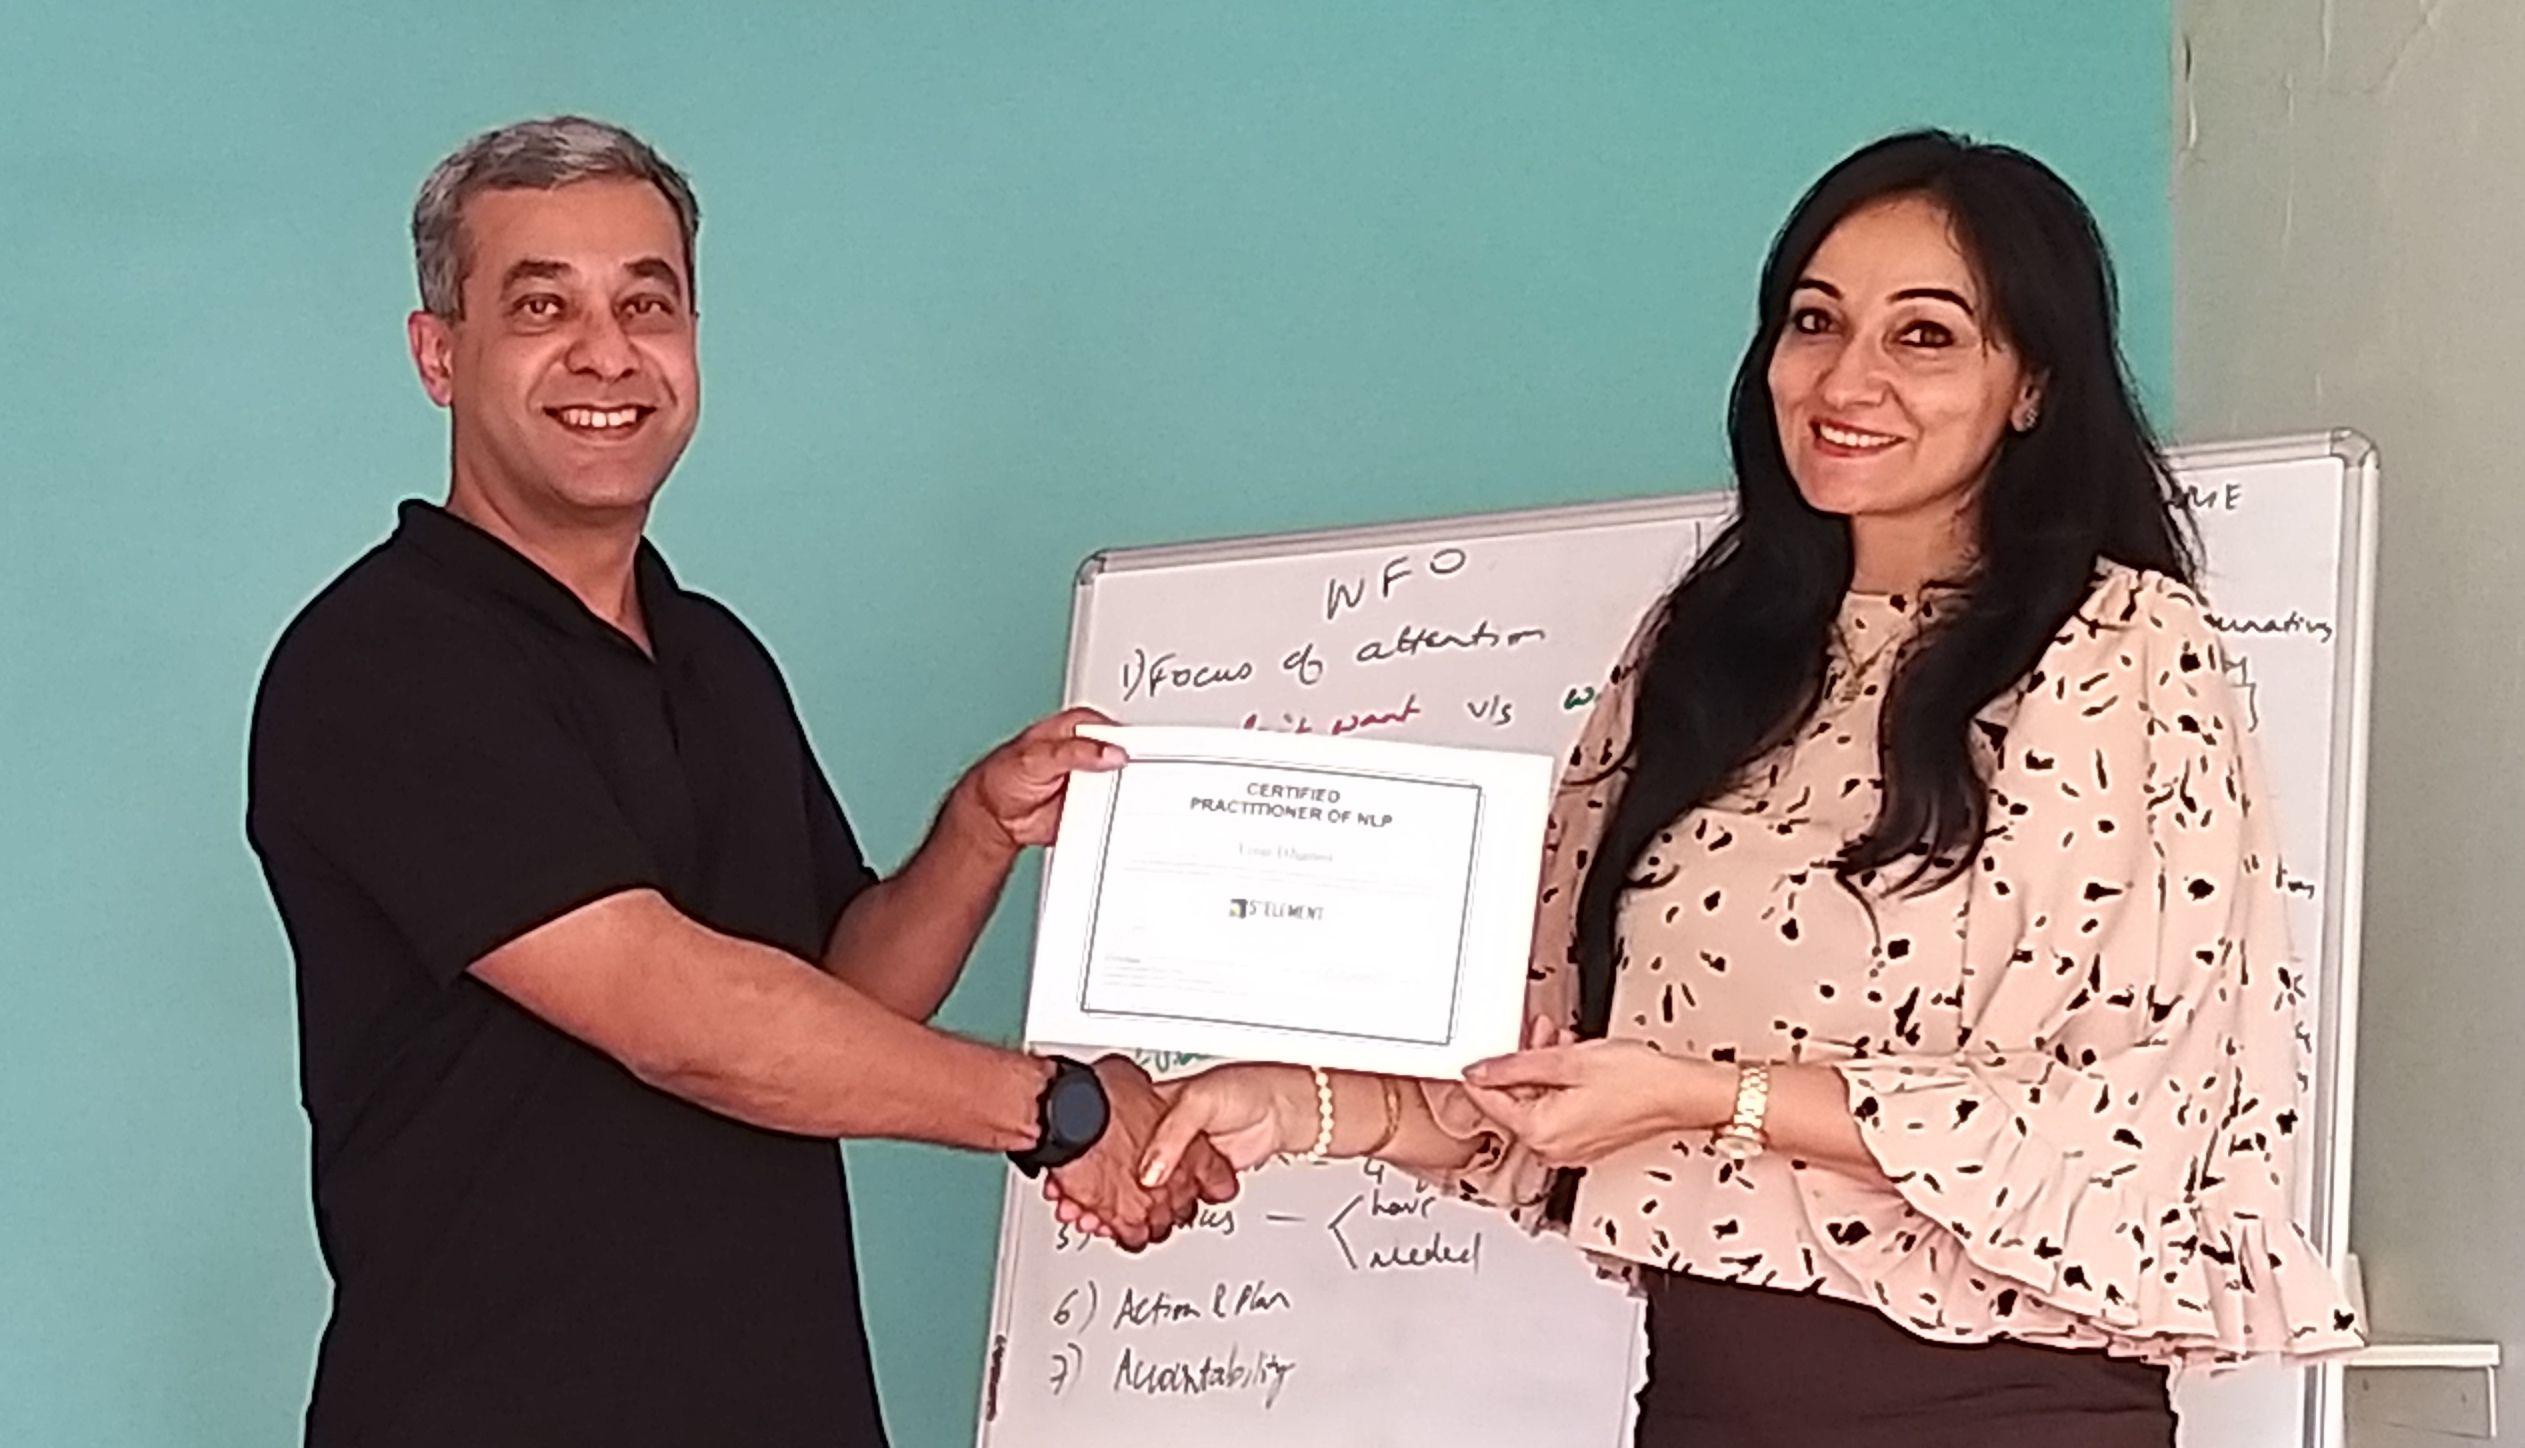 Congratulations Tina Bhanot - on successfully graduating ...